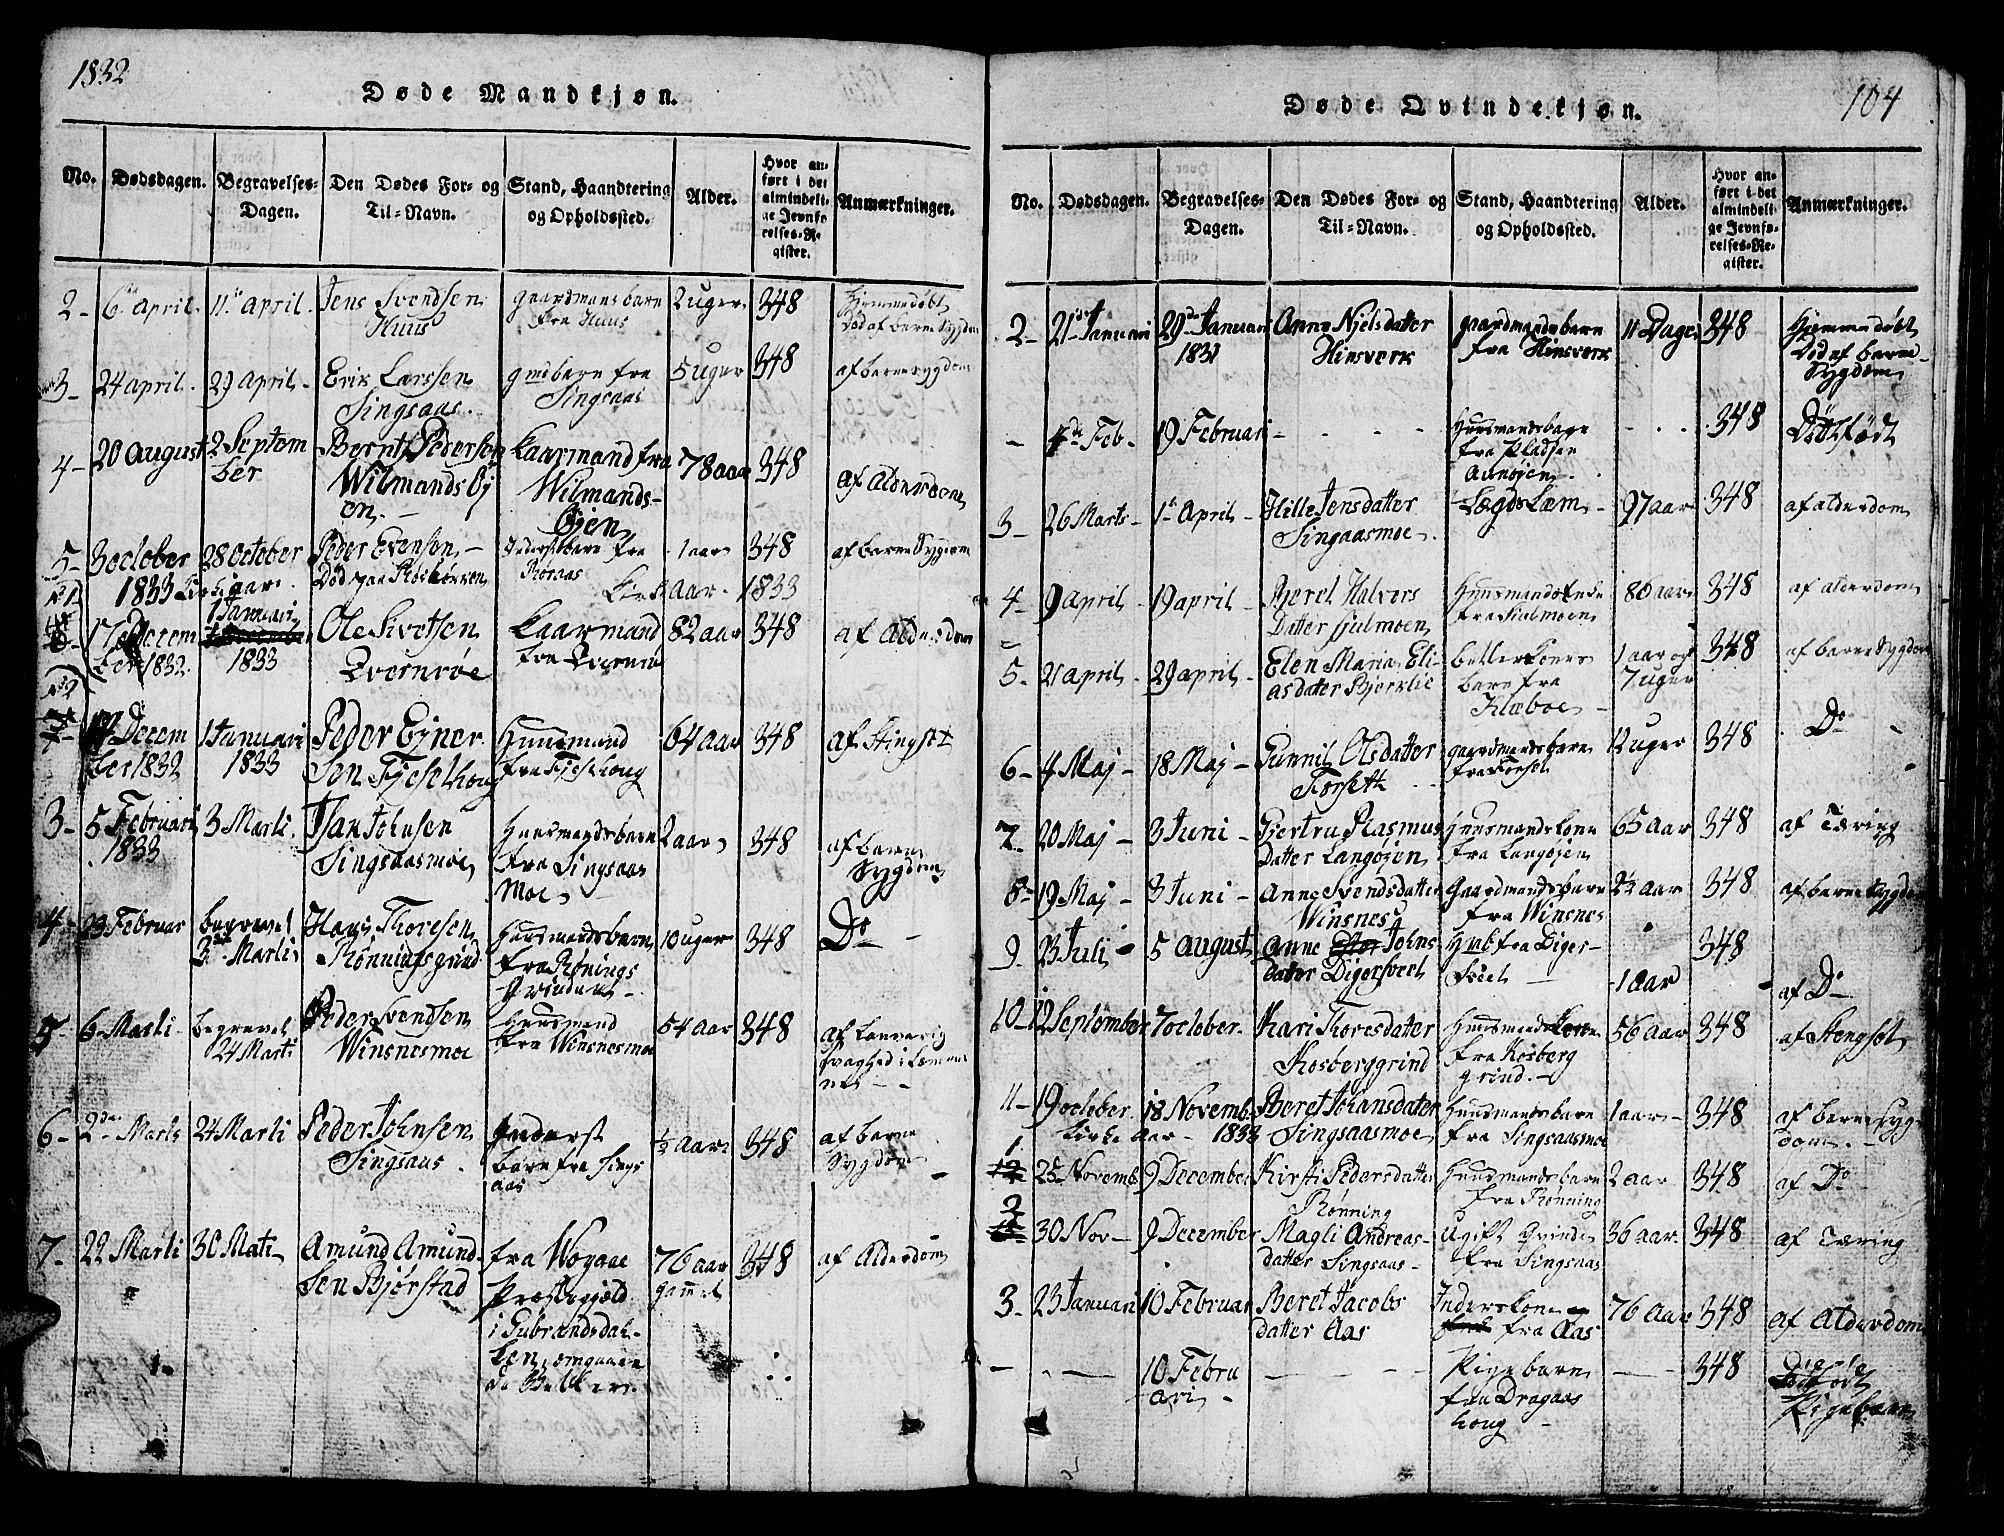 SAT, Ministerialprotokoller, klokkerbøker og fødselsregistre - Sør-Trøndelag, 688/L1026: Klokkerbok nr. 688C01, 1817-1860, s. 104